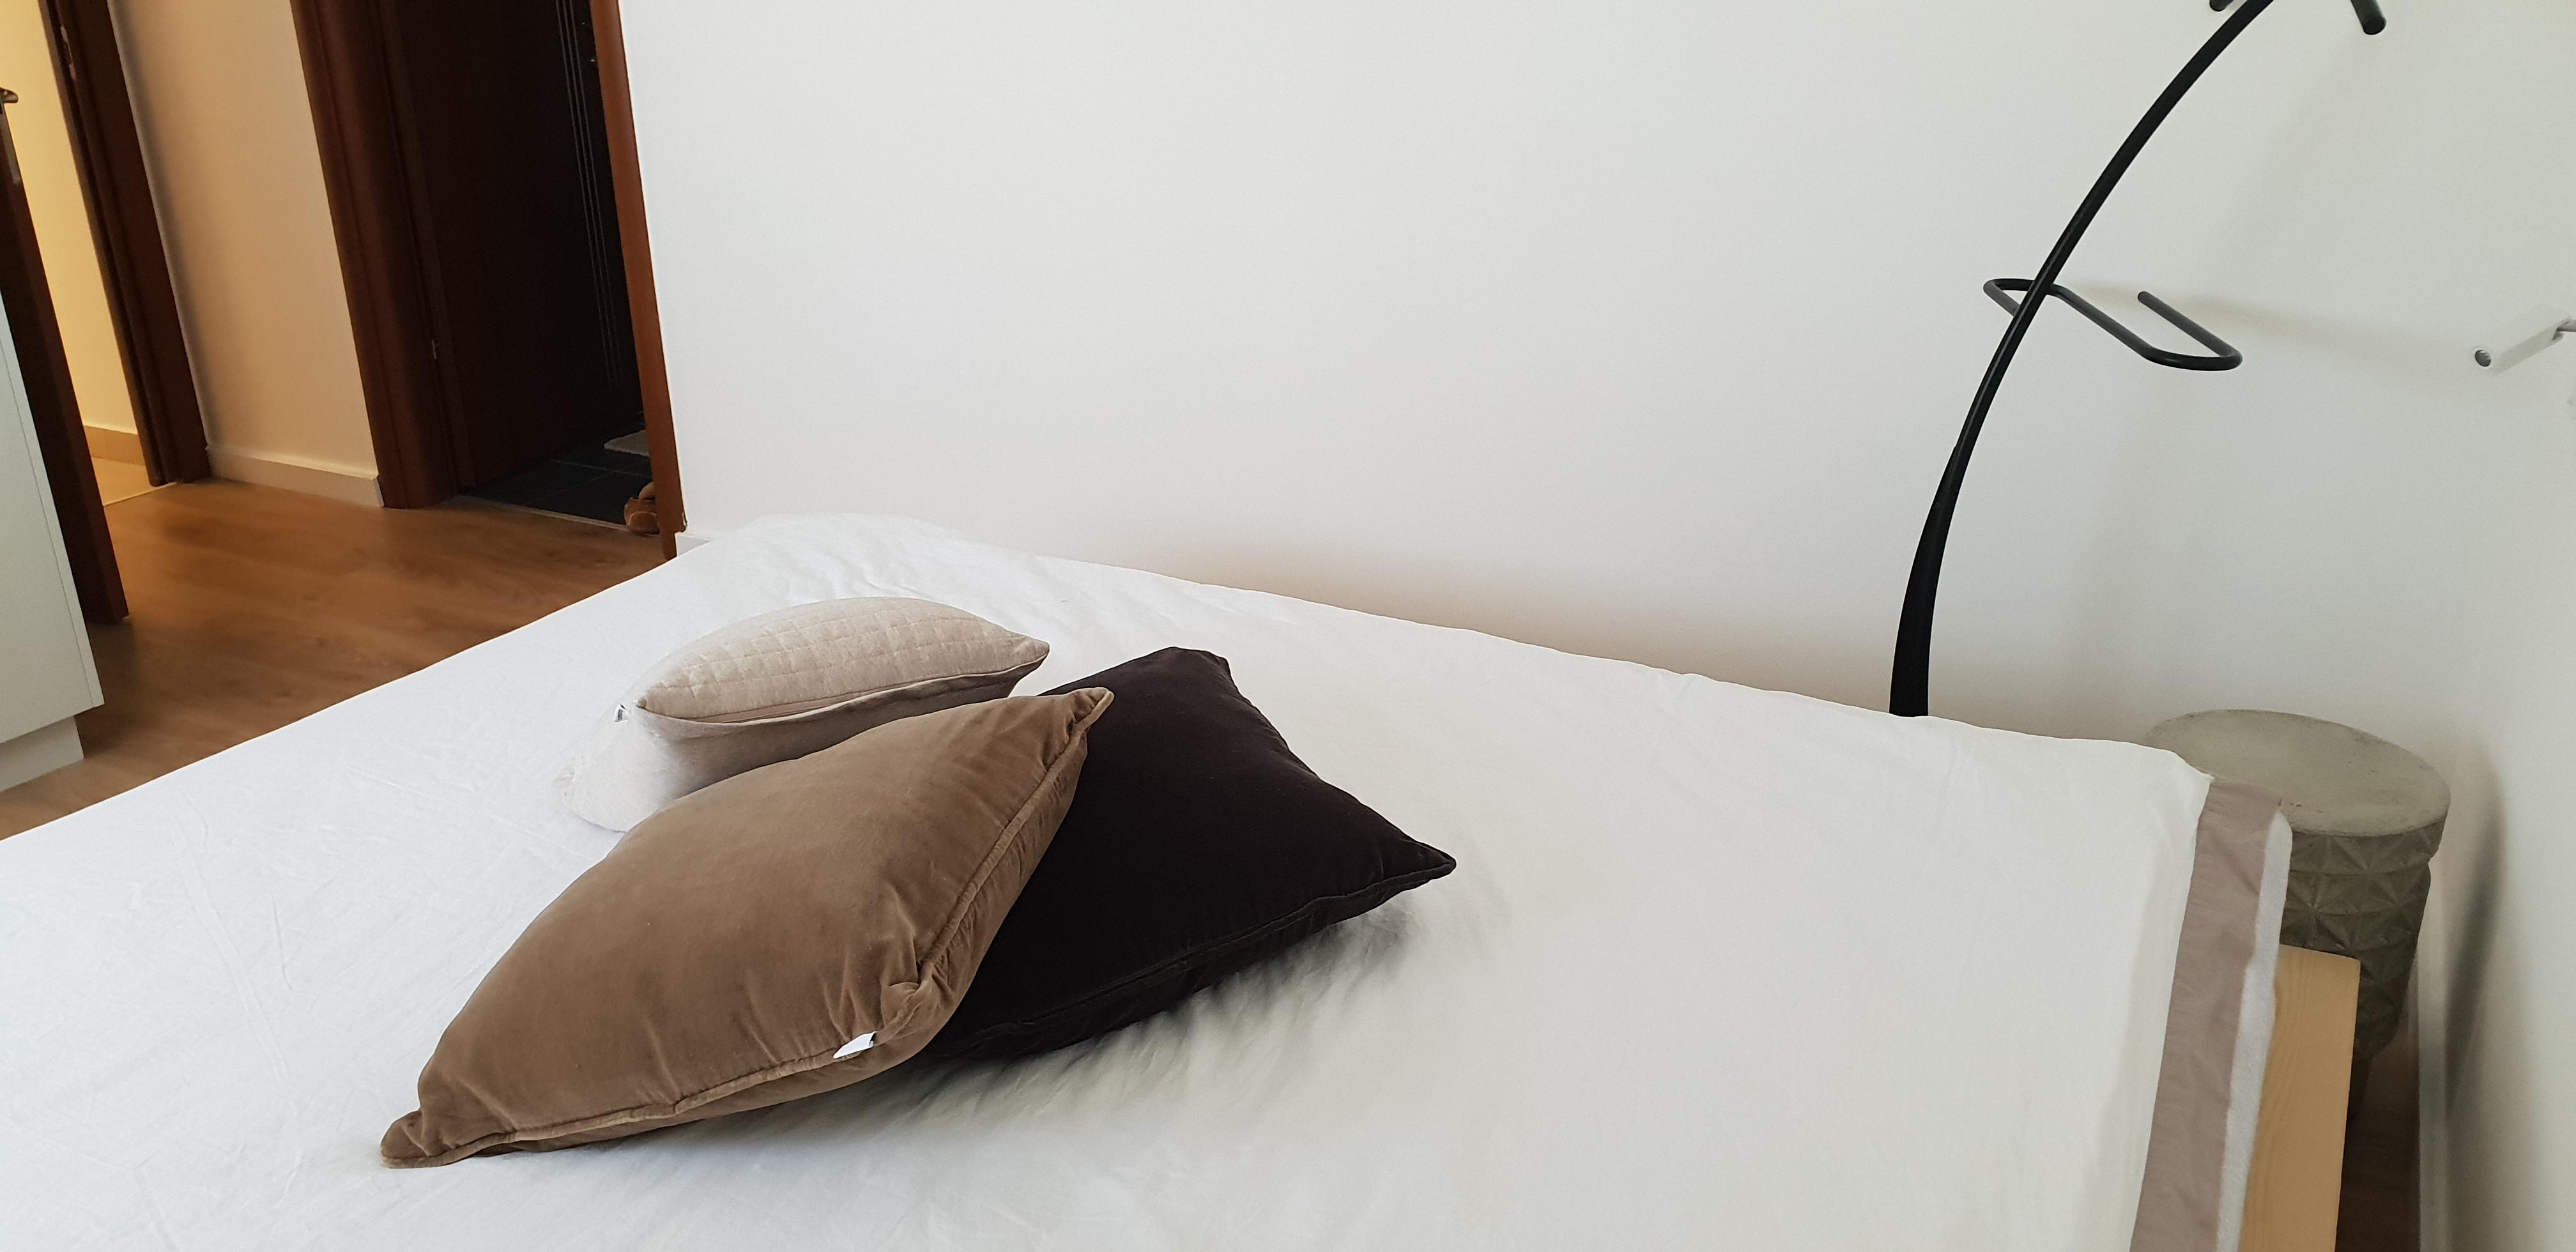 חדר שינה, חלק מפרוייקט שיפוץ והלבשה